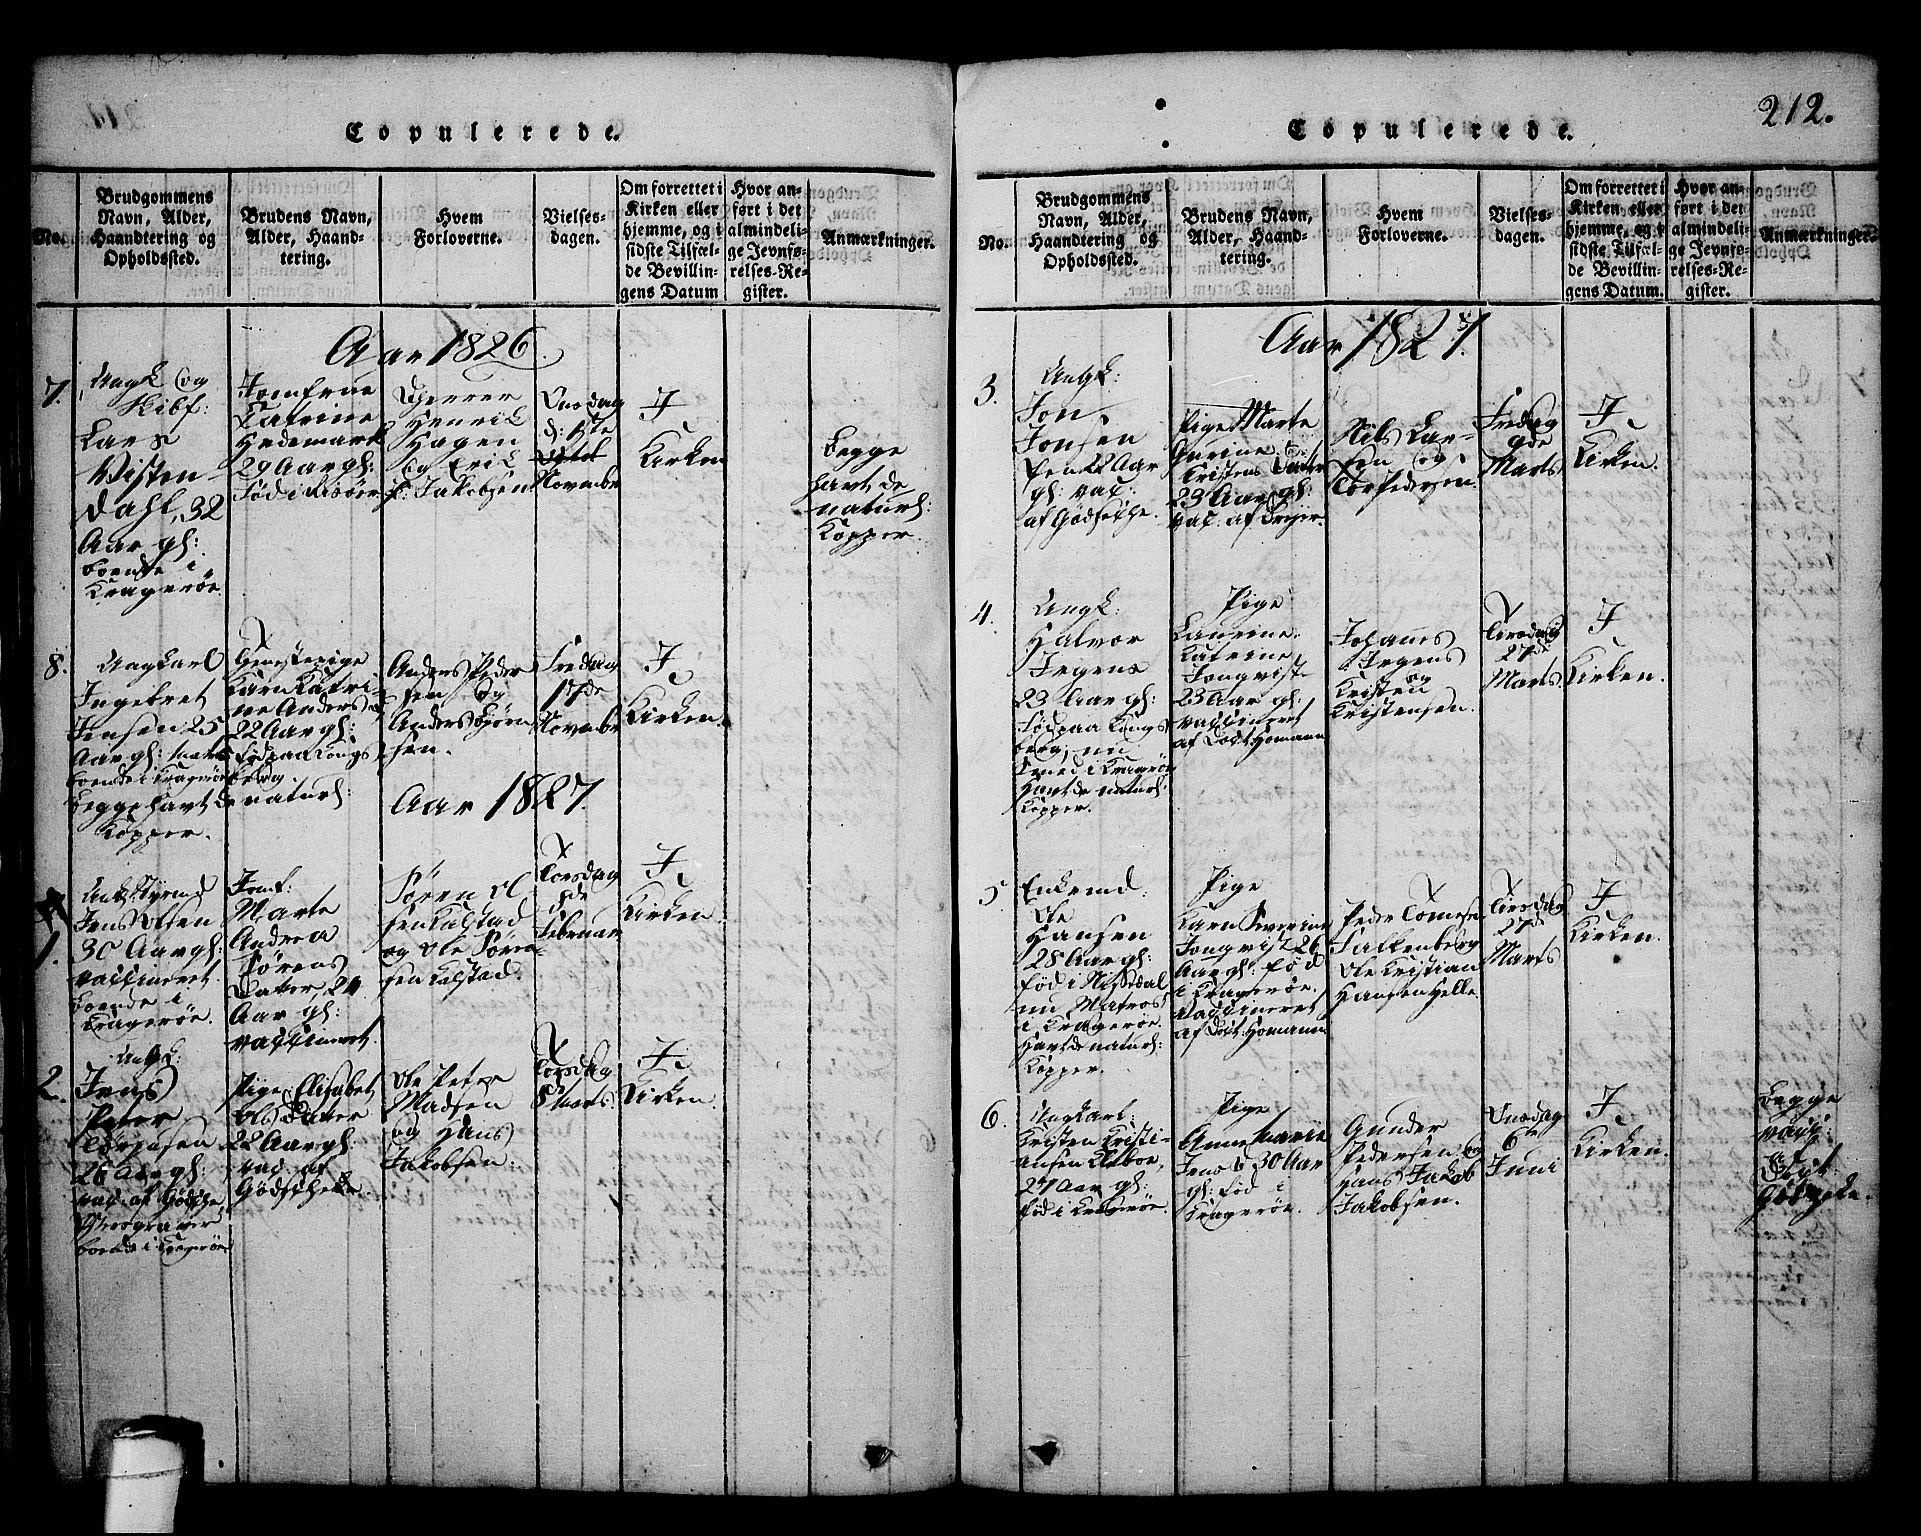 SAKO, Kragerø kirkebøker, G/Ga/L0002: Klokkerbok nr. 2, 1814-1831, s. 212